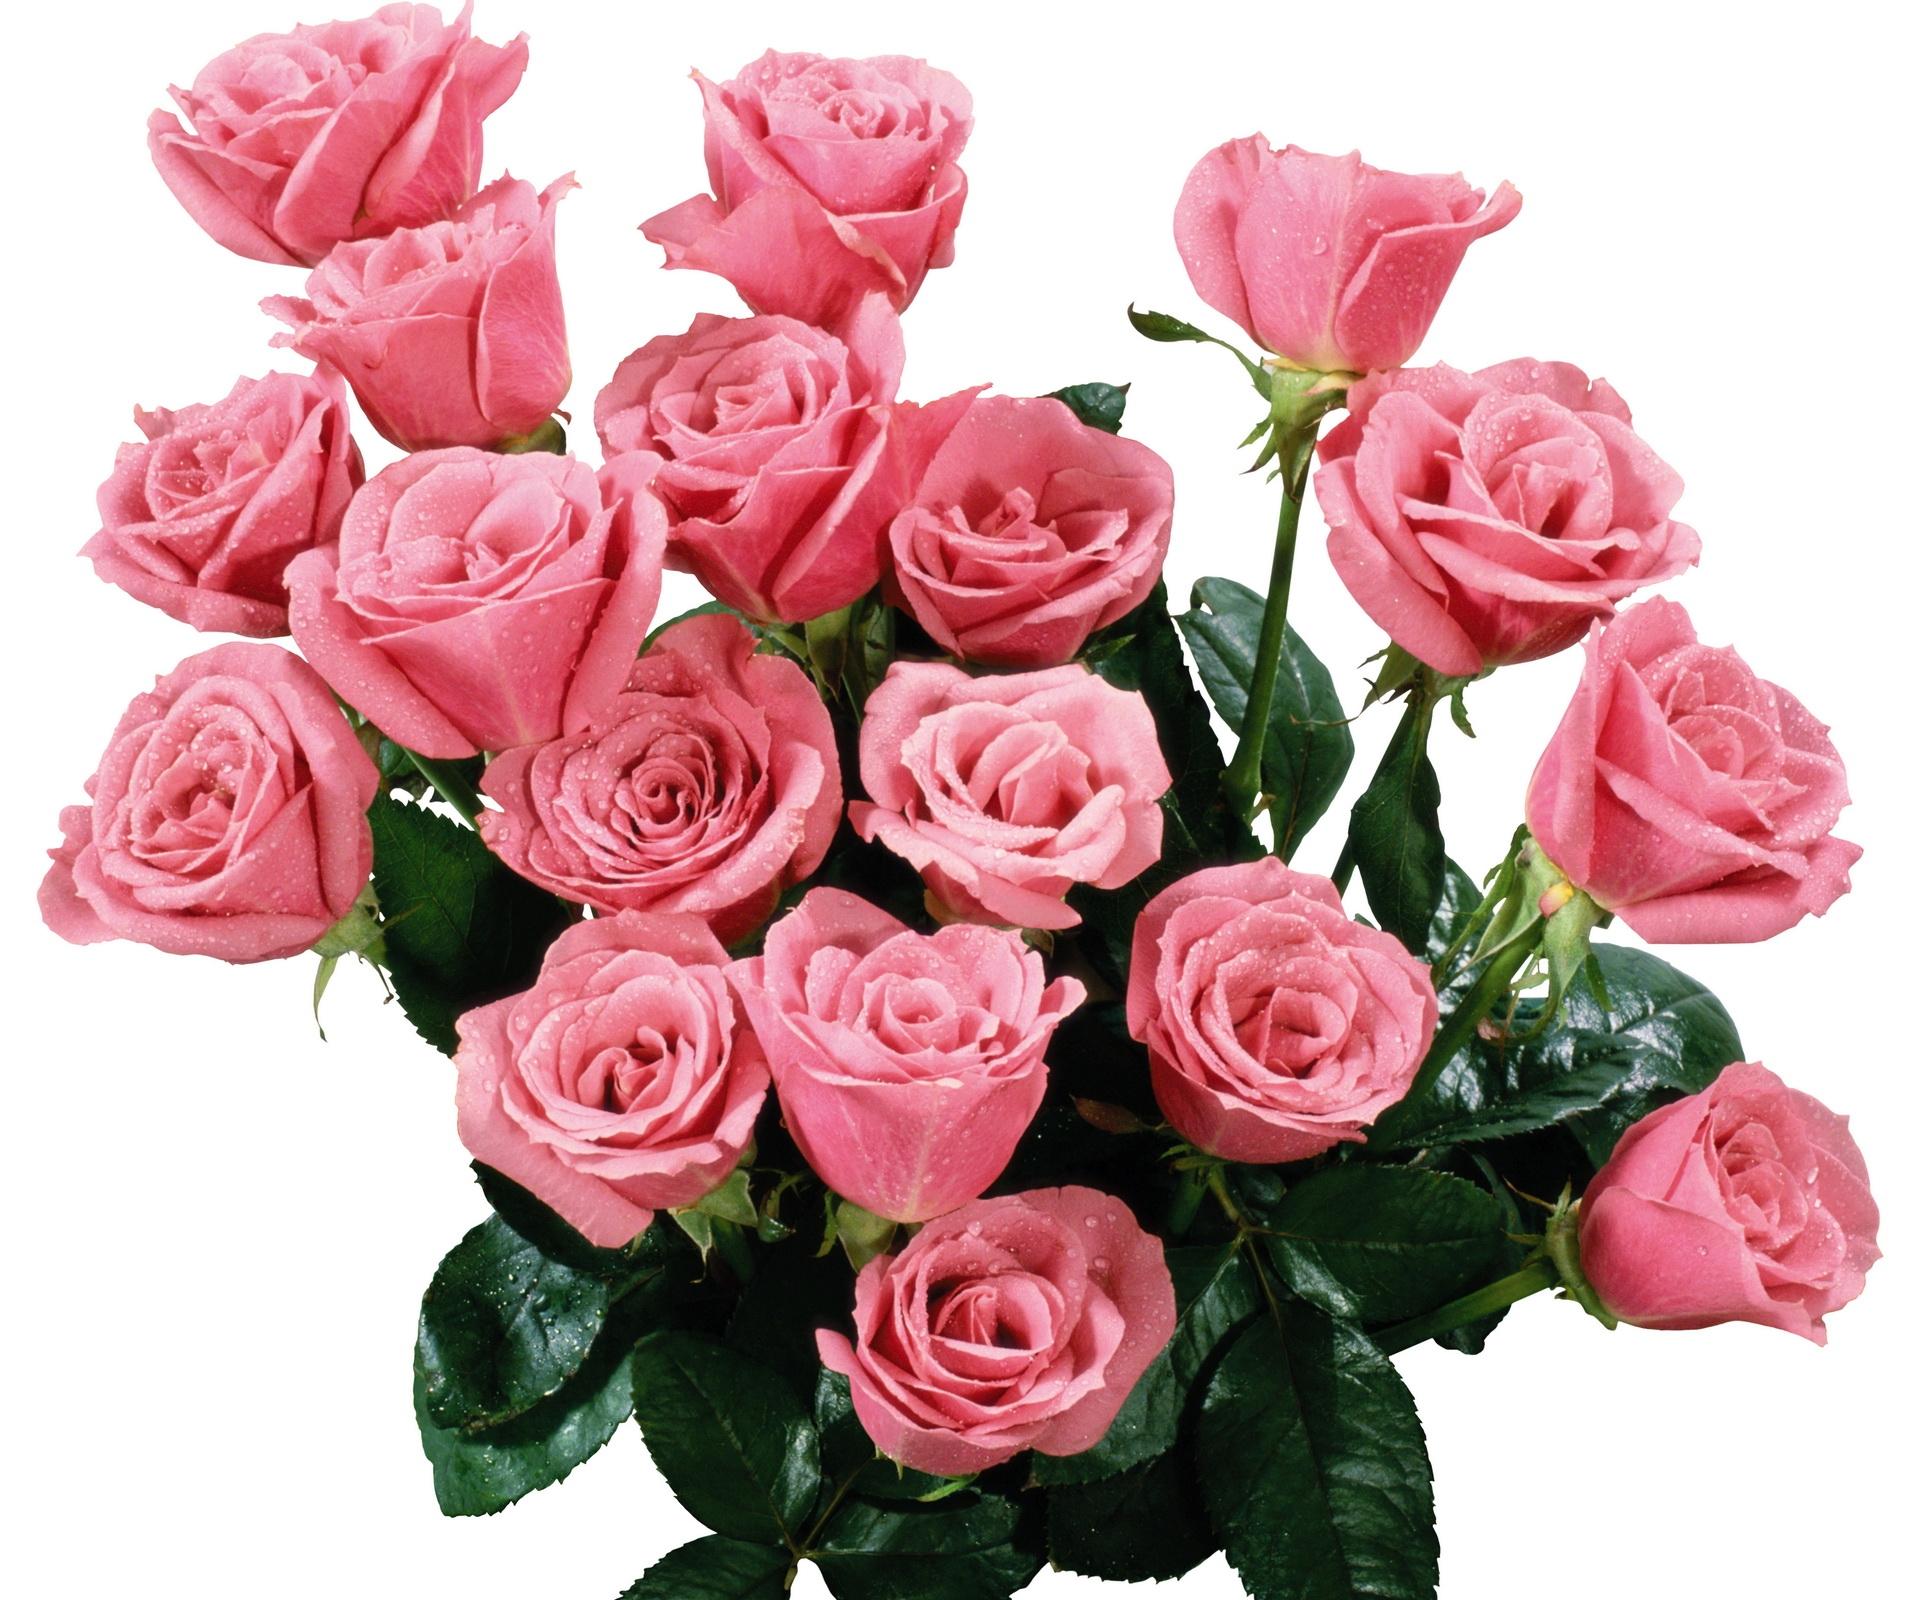 анимация розы букеты роз данную категорию